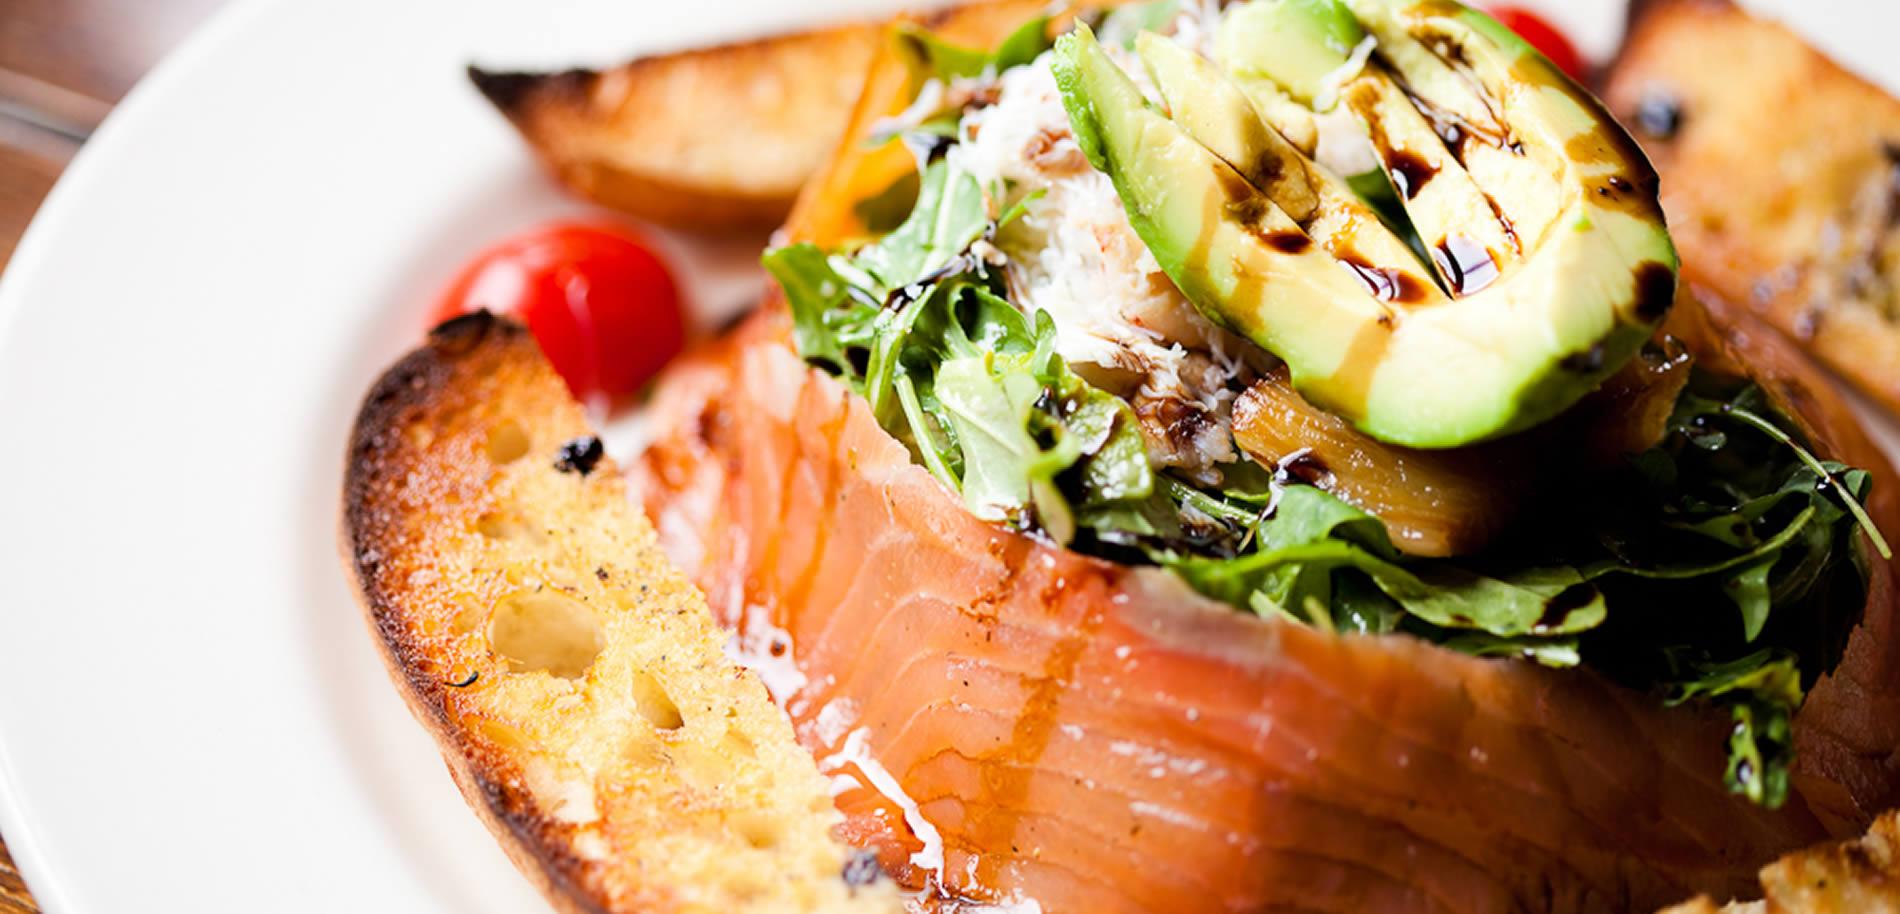 Salad and smoked salmon.